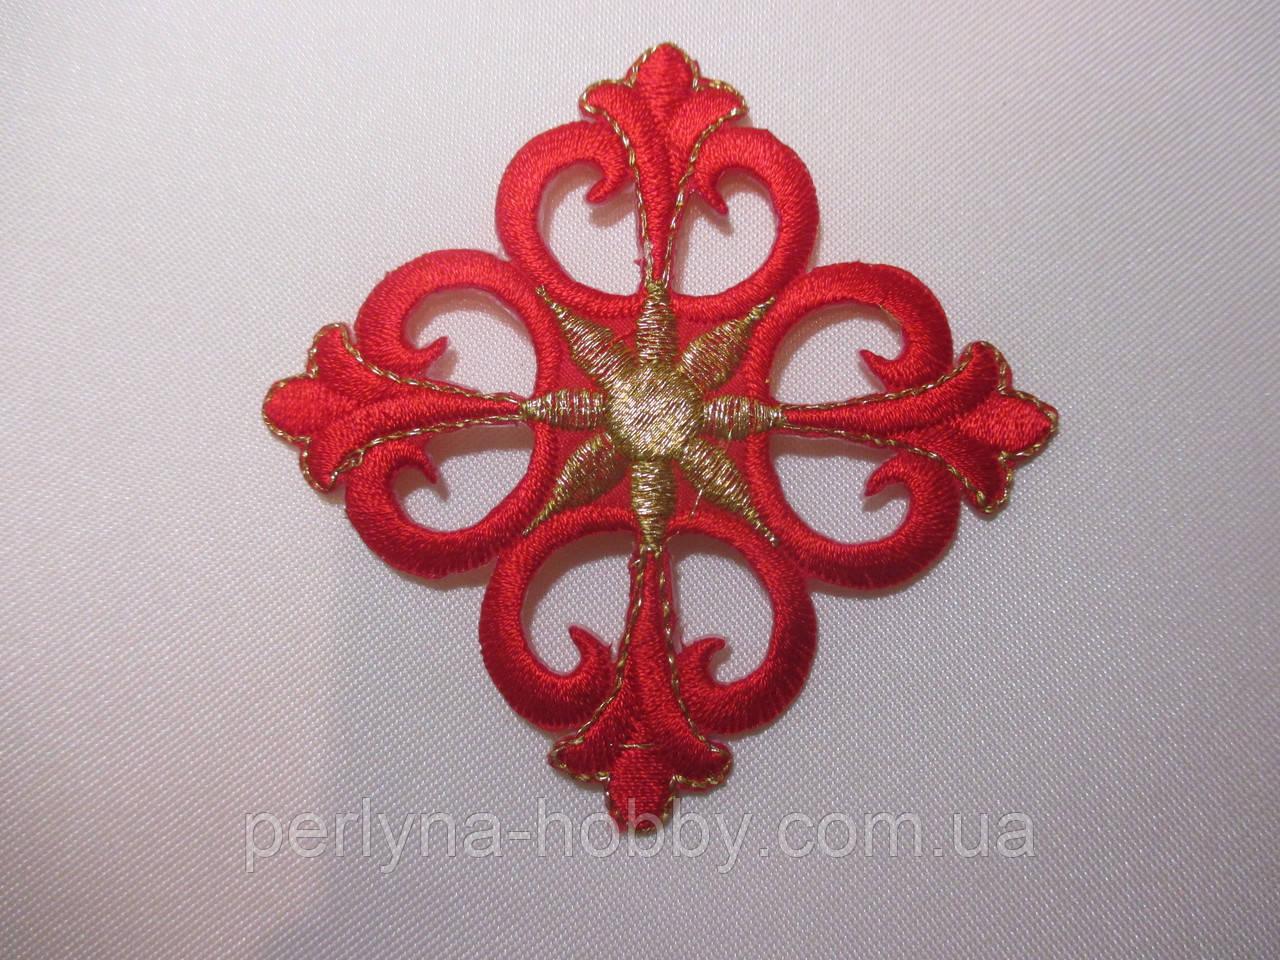 Хрестик вишитий, аплікація клейова 7,5х7,5 червоний. Крест аппликация клеевая вышивка